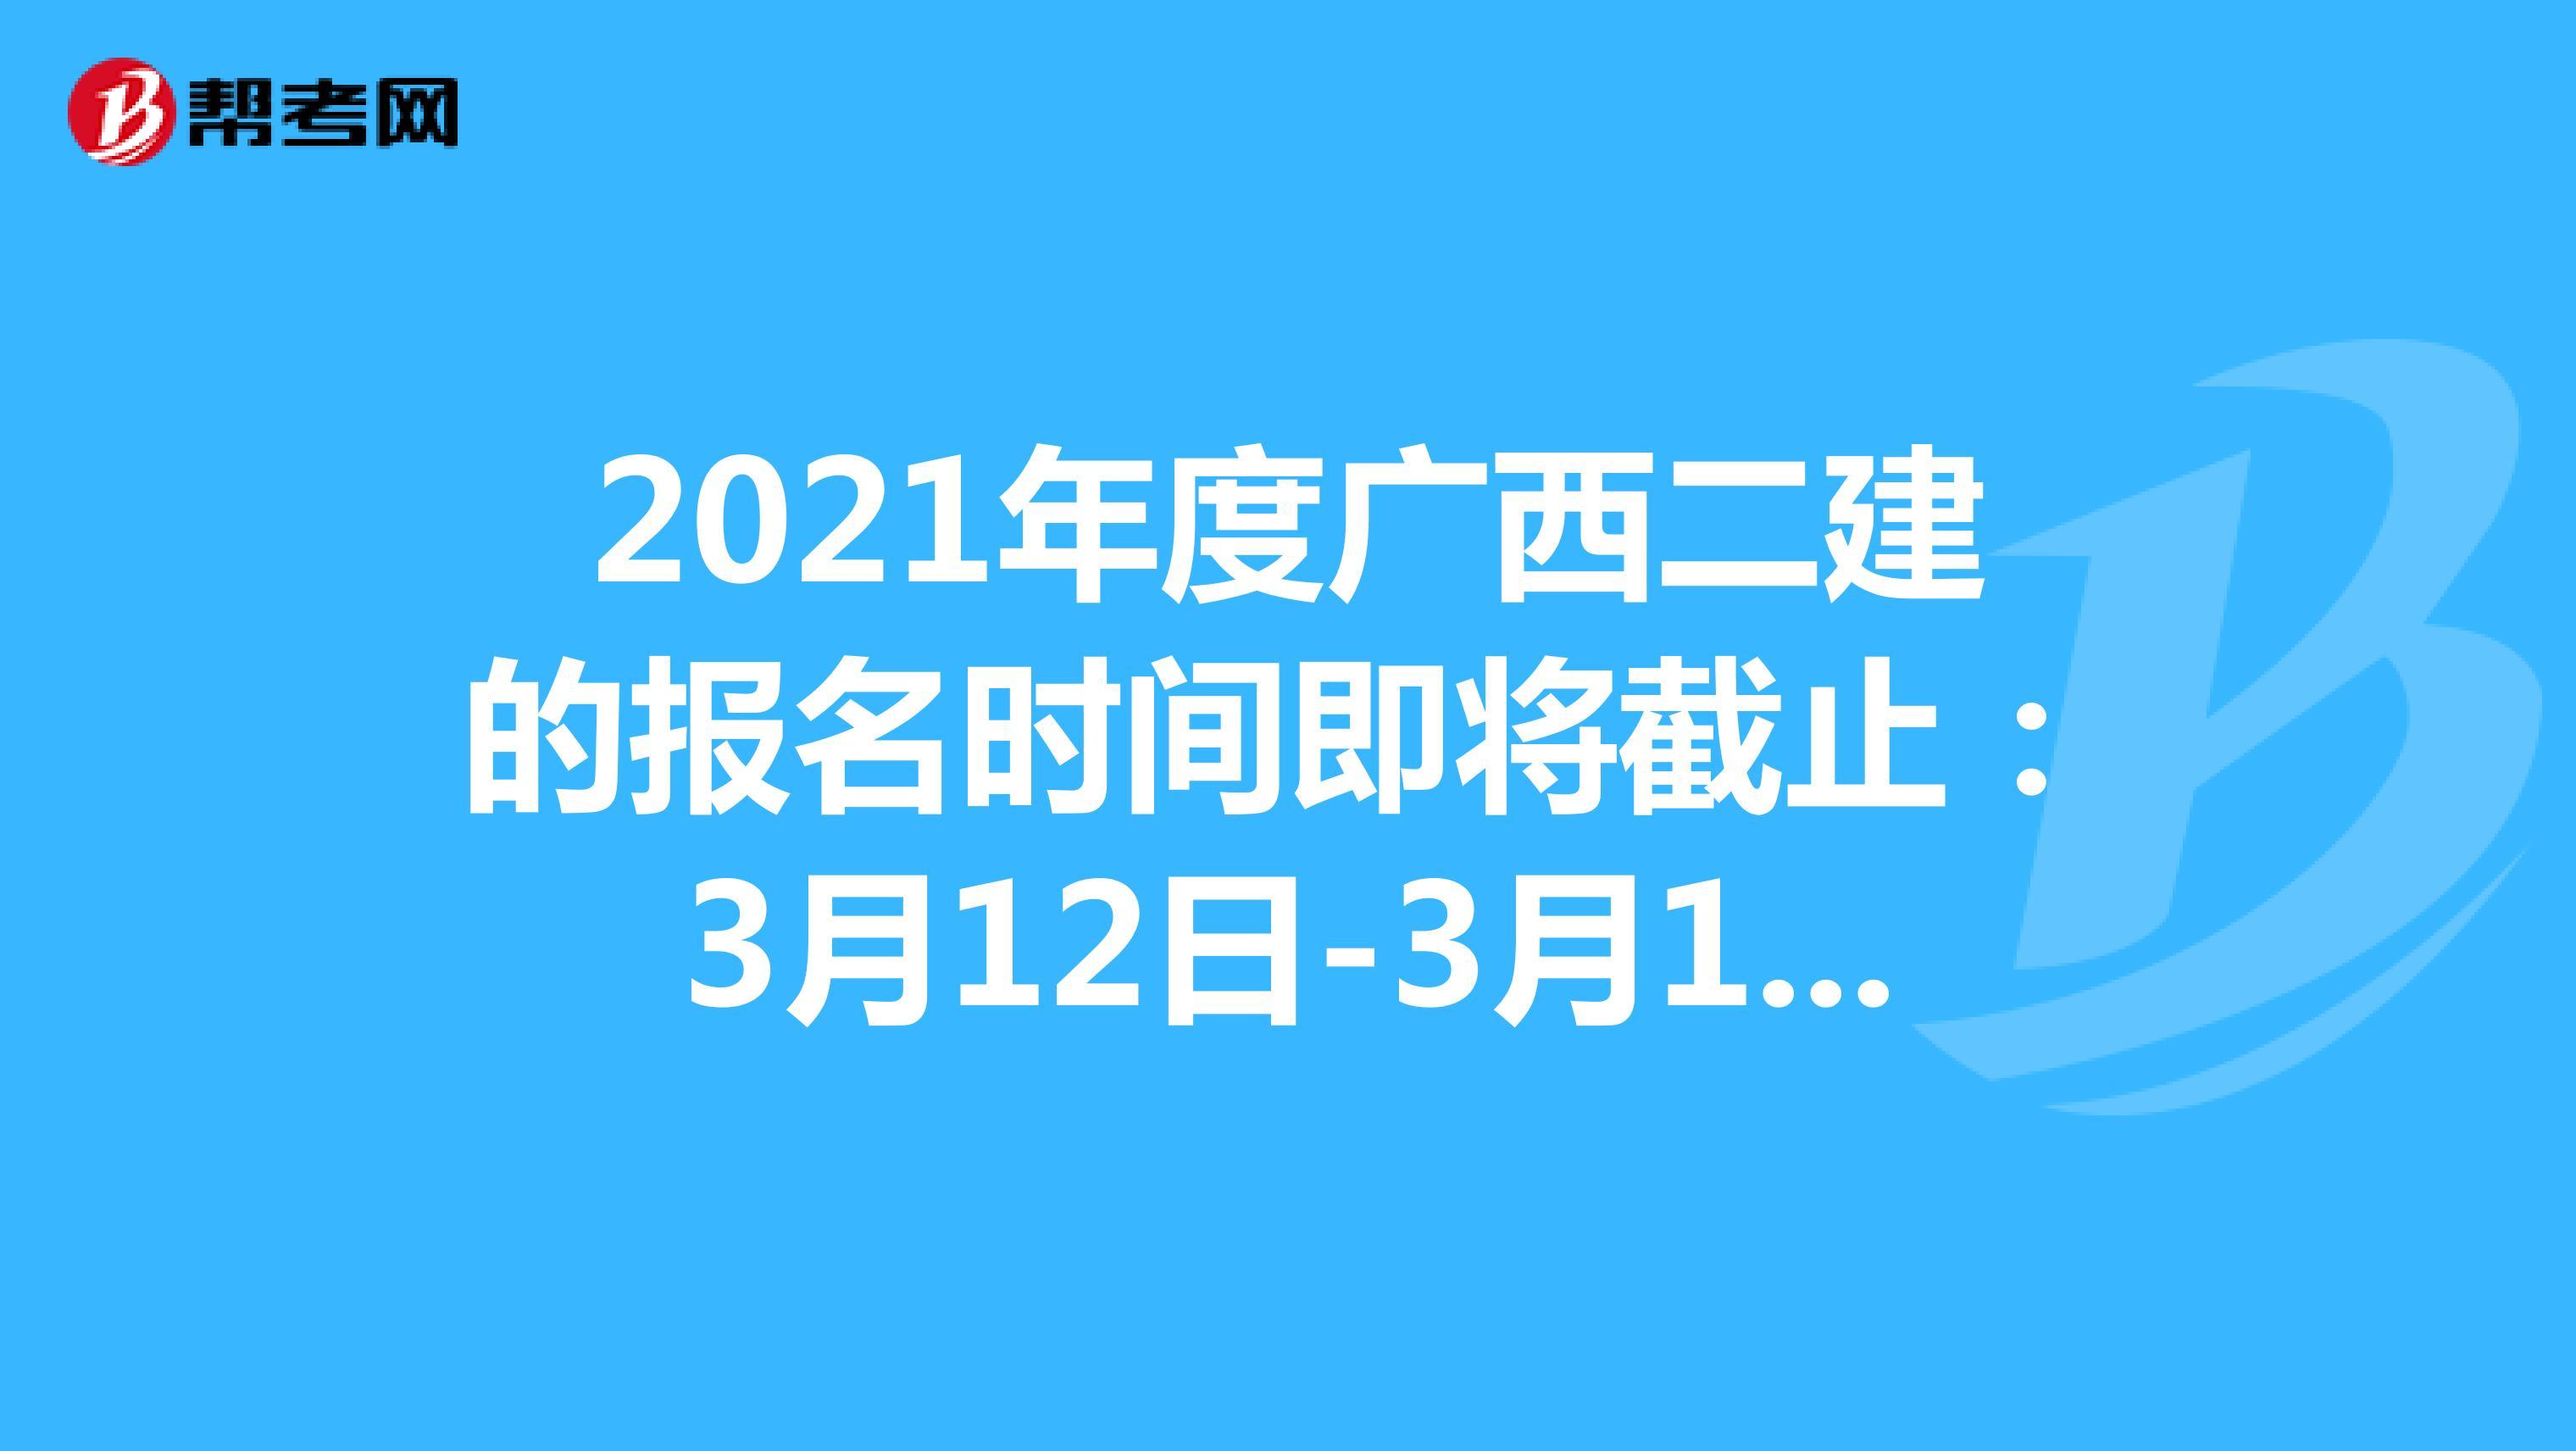 2021年度广西二建的报名时间即将截止:3月12日-3月18日